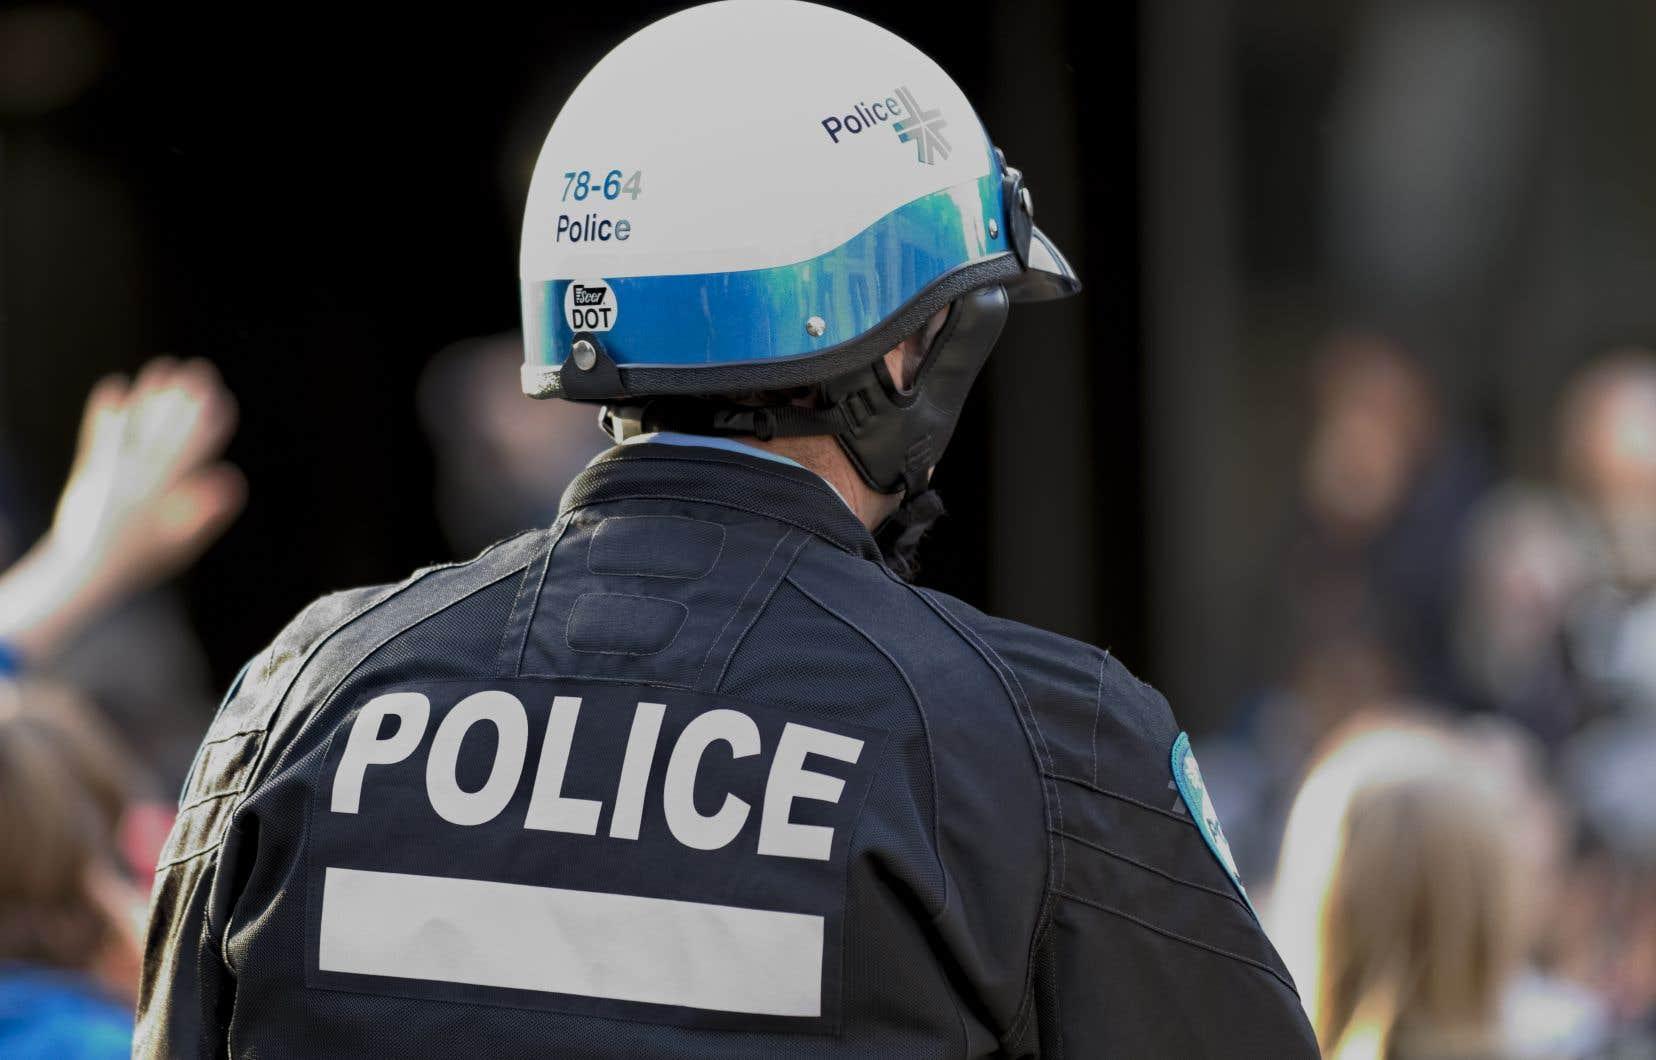 Le nombre d'infractions au Code criminel répertoriées par le corps de police a diminué de 11,2% l'an dernier, notamment en raison d'une baisse marquée du nombre de vols qualifiés et d'introductions par effraction.